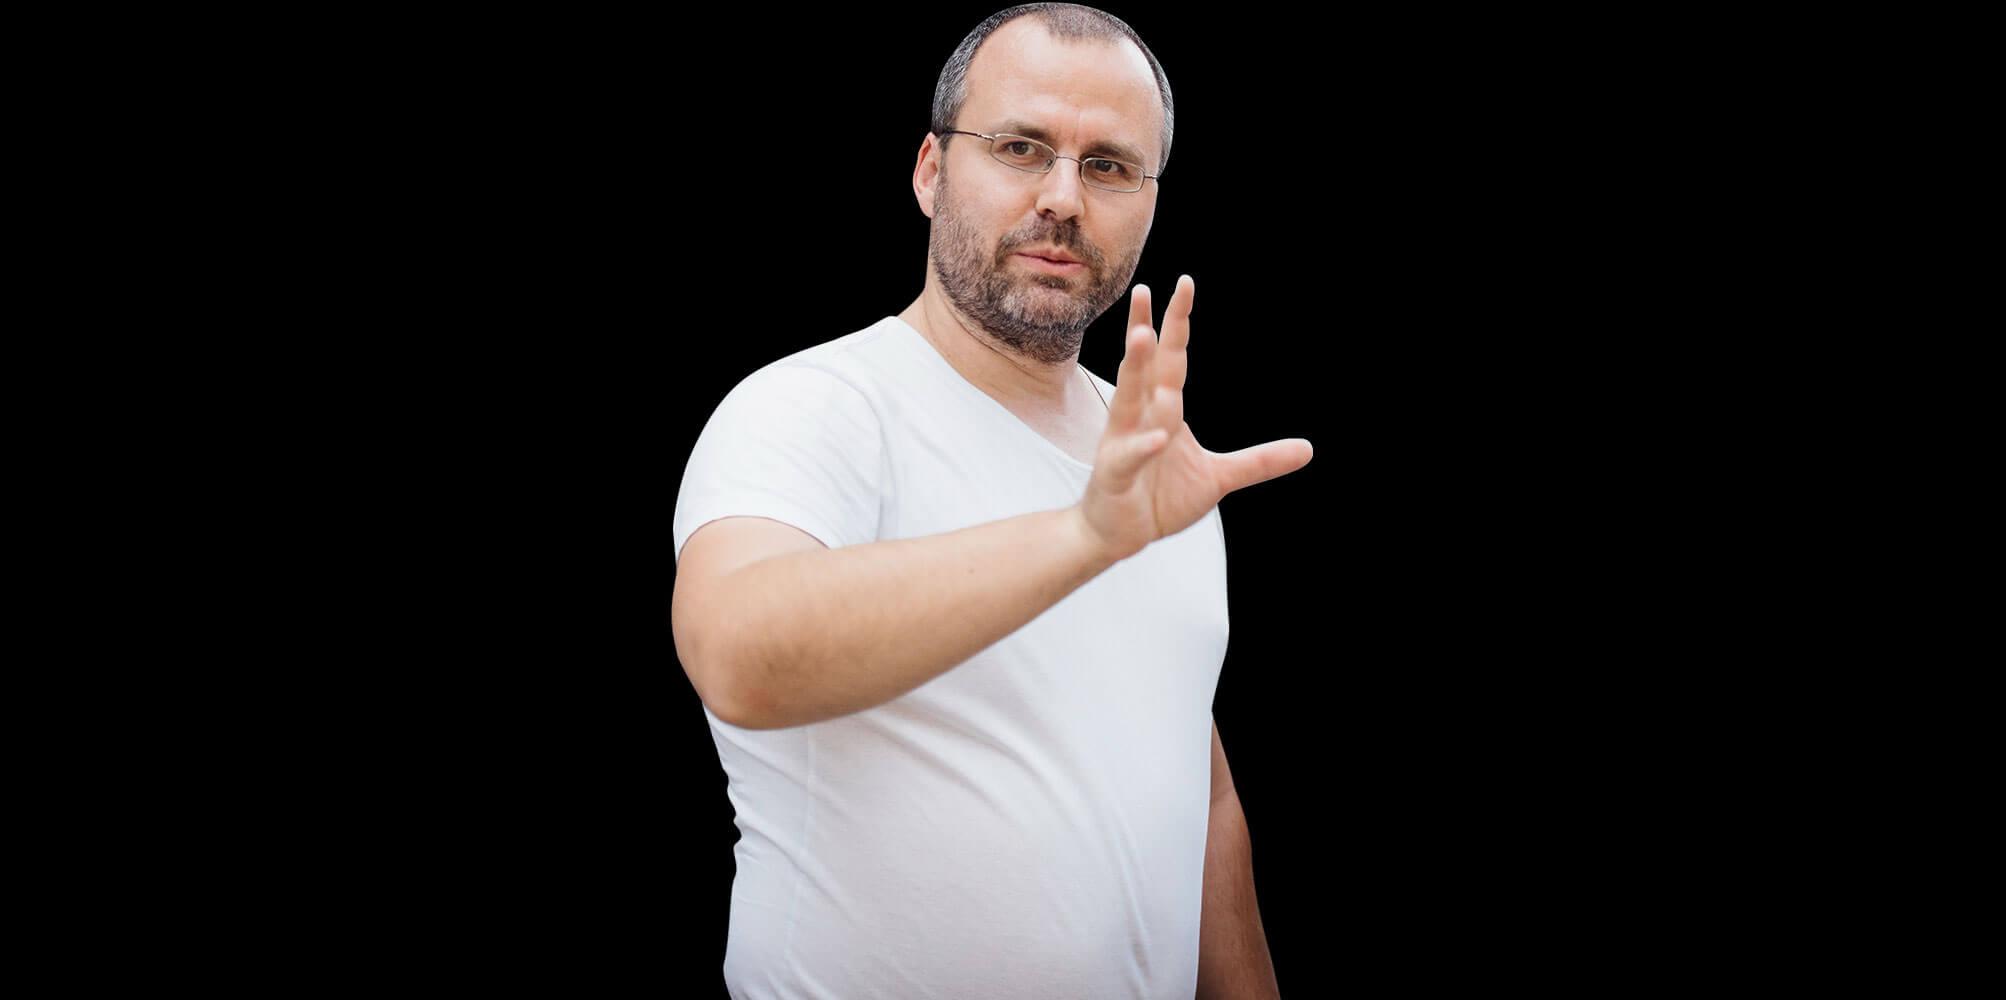 Matthias Gottwald macht im weißen T-Shirt eine Geste mit der Hand.